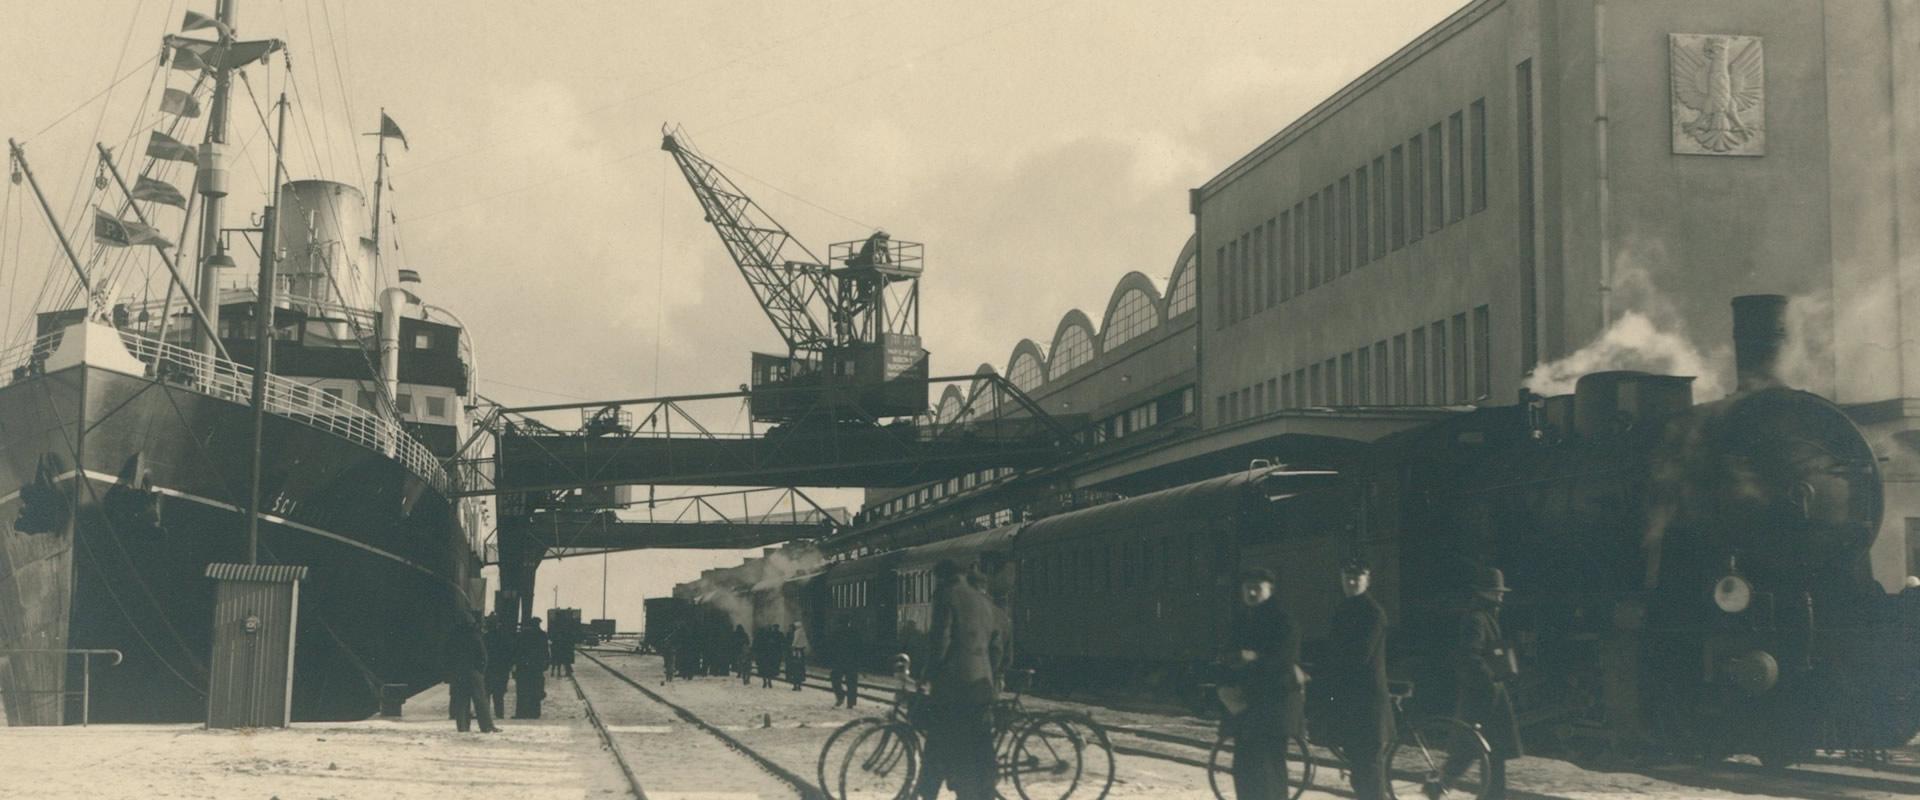 Gdynia - dworzec morski, lata trzydzieste XX wieku